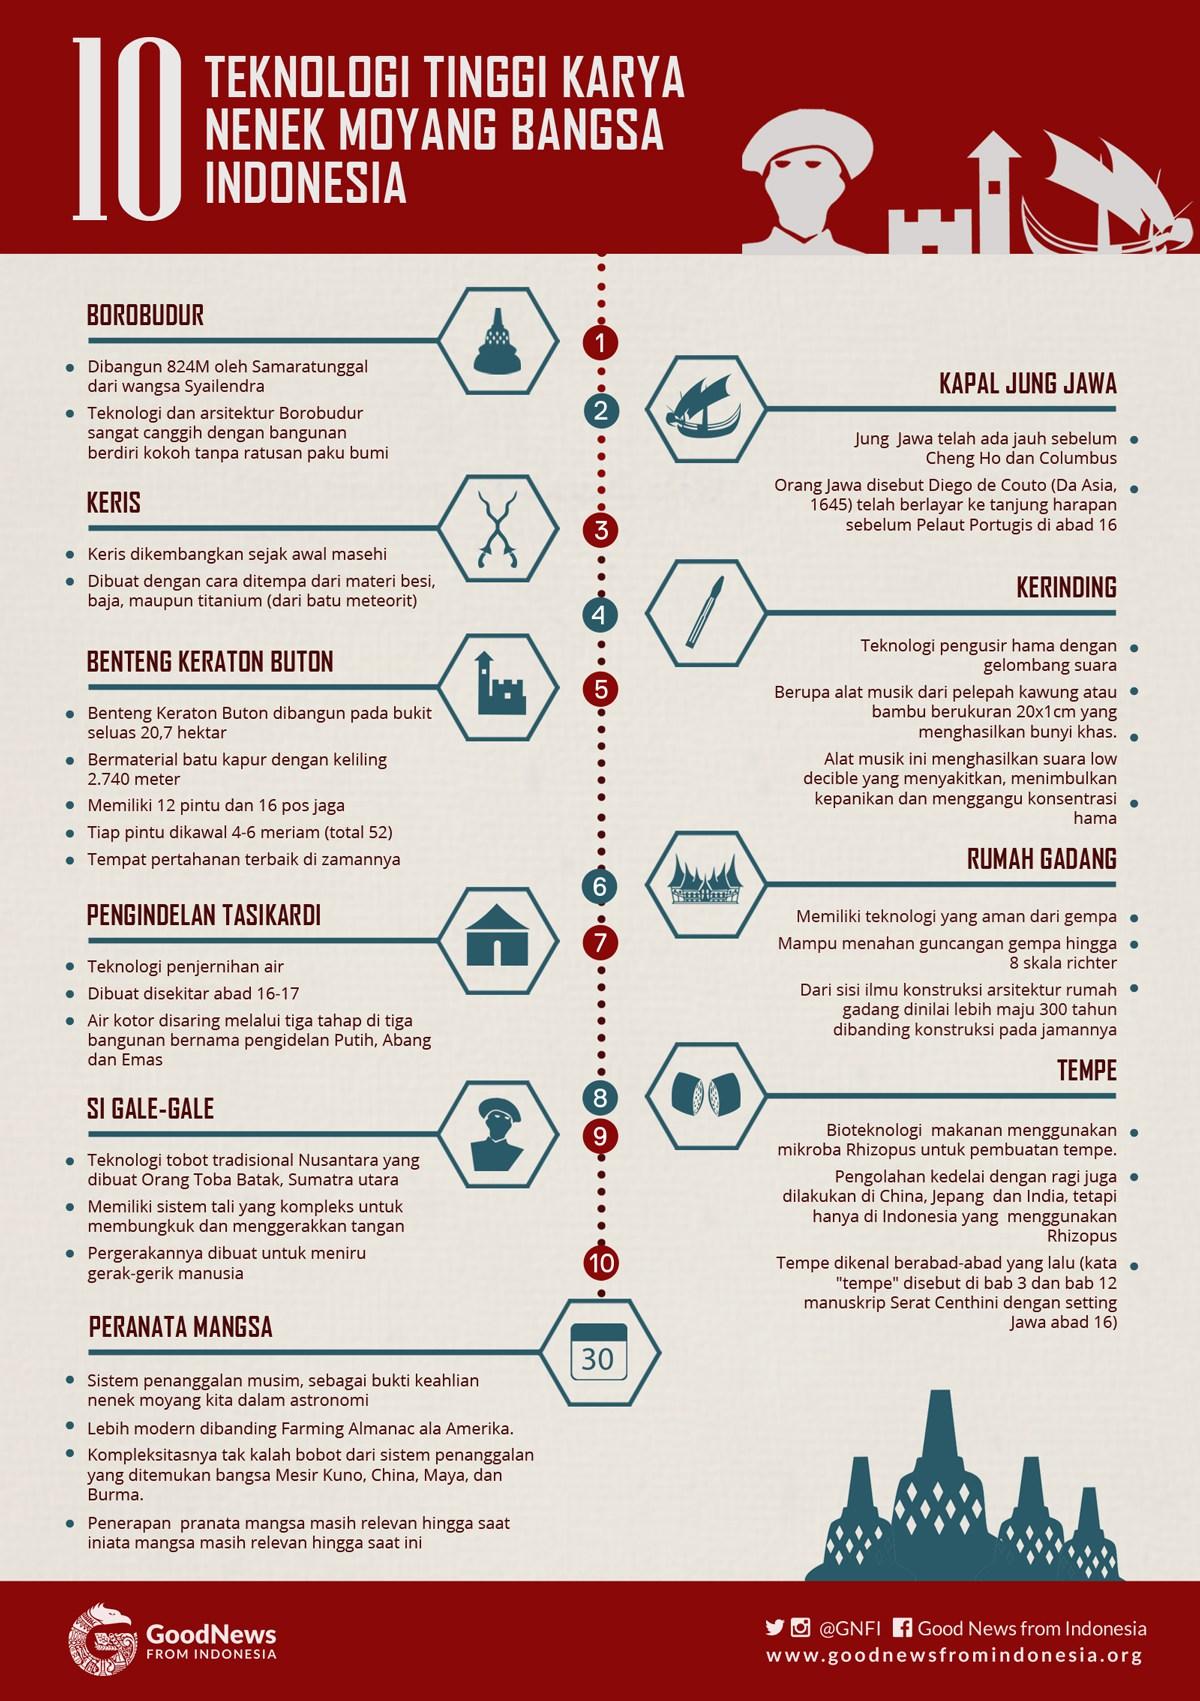 10 Teknologi Tinggi Karya Nenek Moyang Bangsa Indonesia